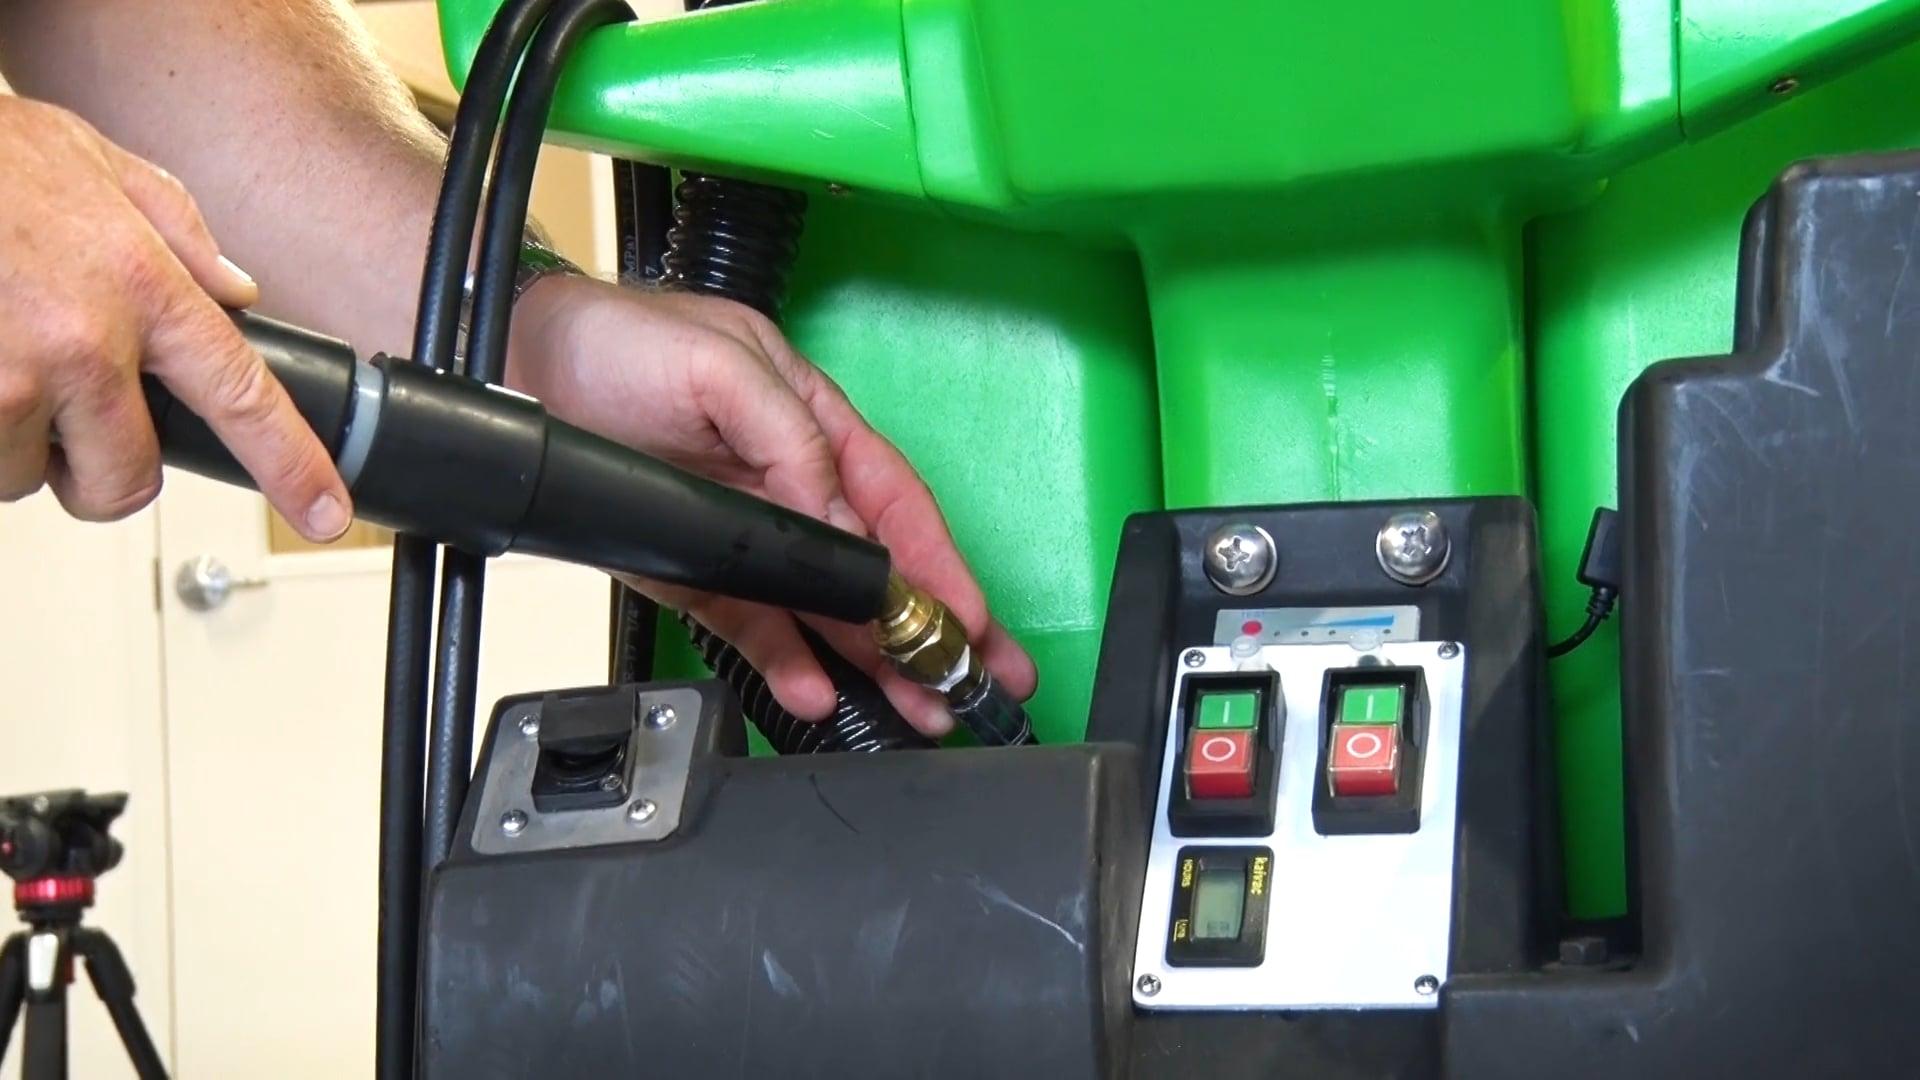 Priming the Cooler Cleaner Pump